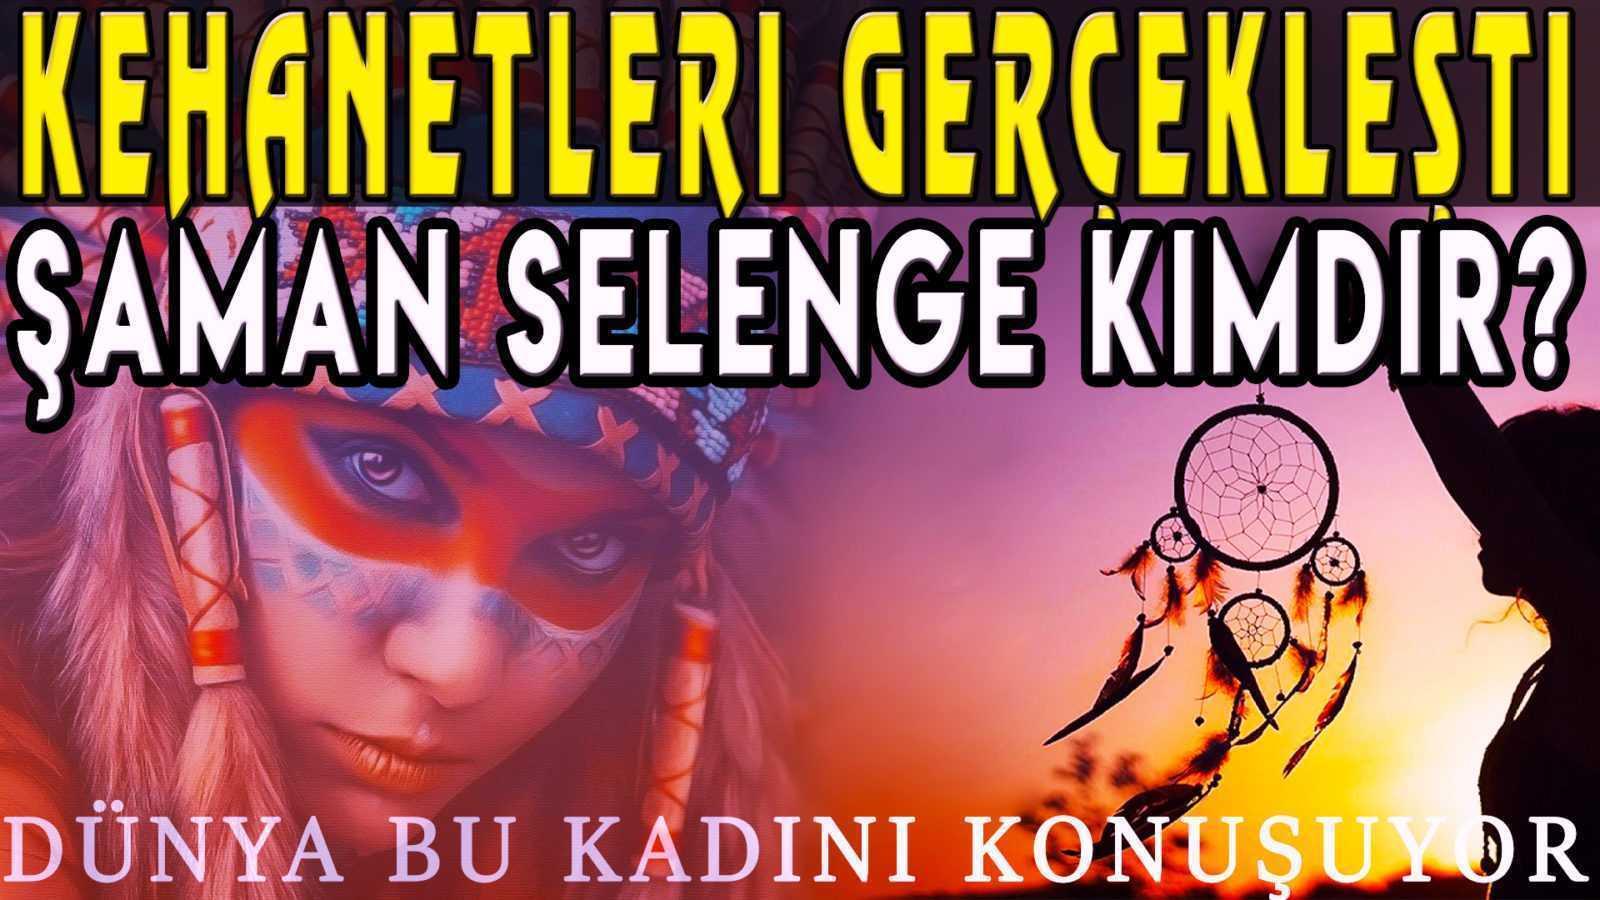 2020 Türkiye ve Dünya Kehanetleri Gerçekleşiyor! Şaman Selenge Kimdir? Kahin Baba Vanga ve Nostradamus daha öngörülü olduğu söyleniyor. 2020 kehanetleri...